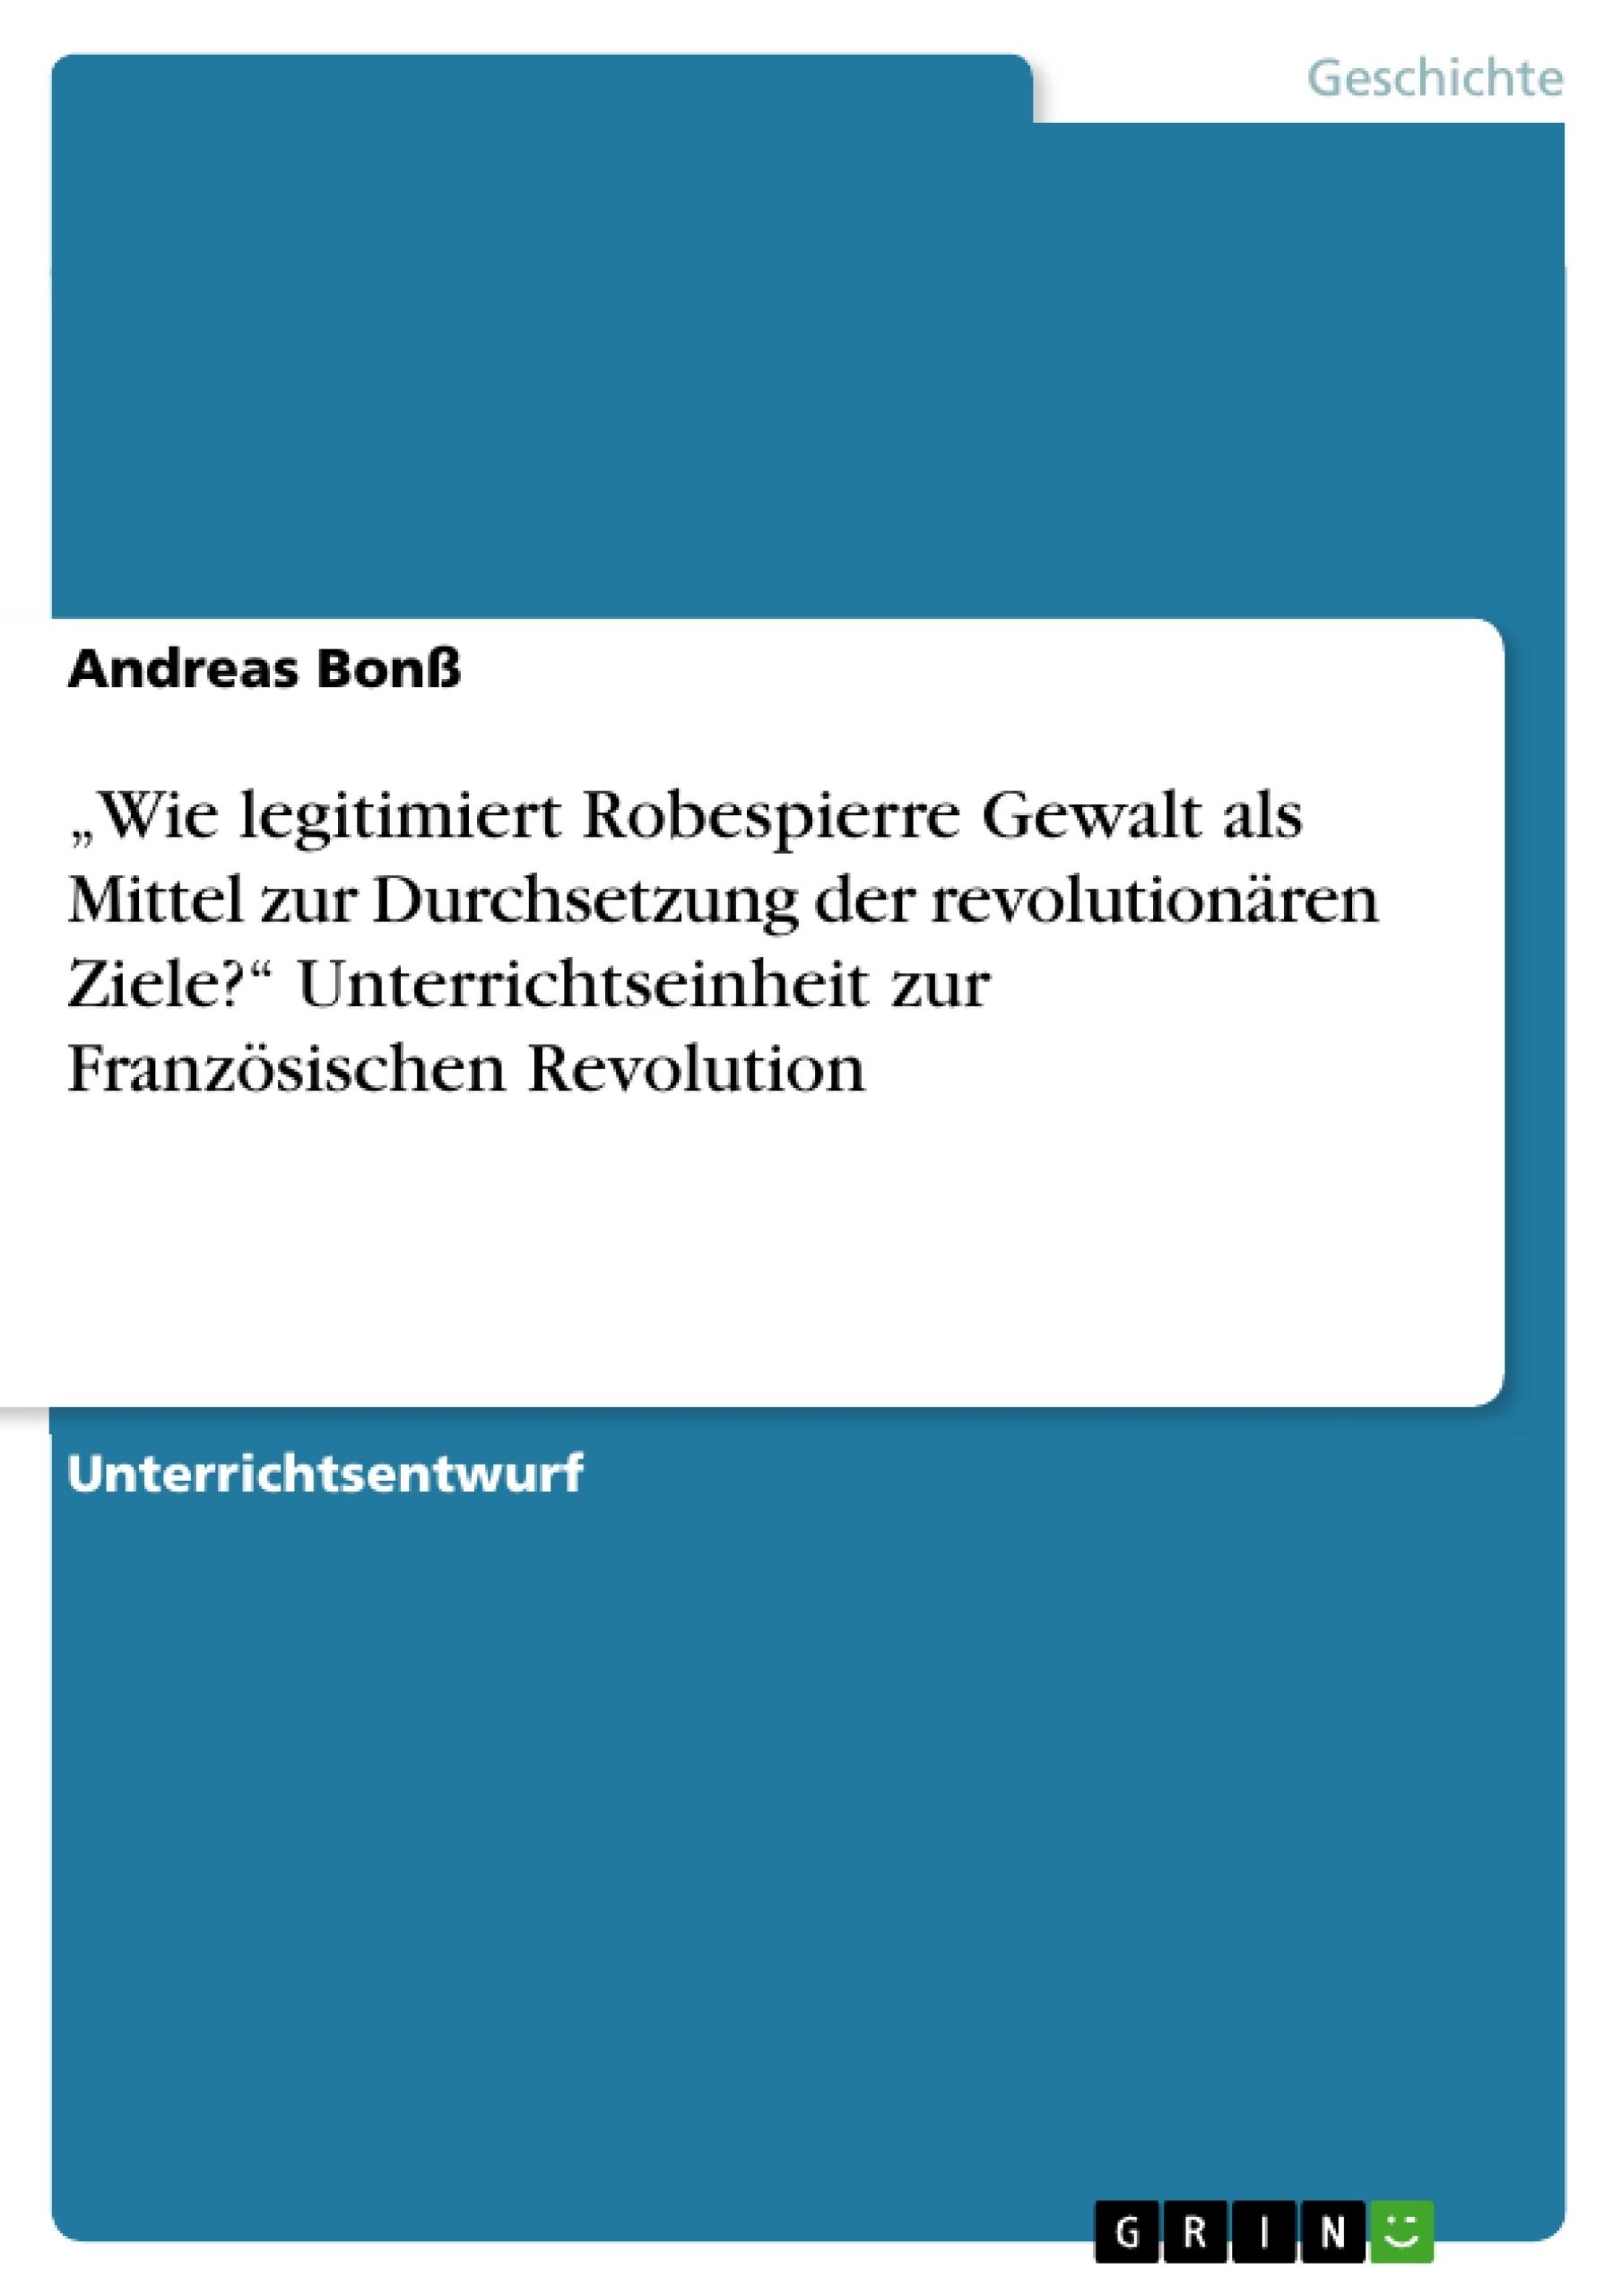 """Titel: """"Wie legitimiert Robespierre Gewalt als Mittel zur Durchsetzung der revolutionären Ziele?"""" Unterrichtseinheit zur Französischen Revolution"""